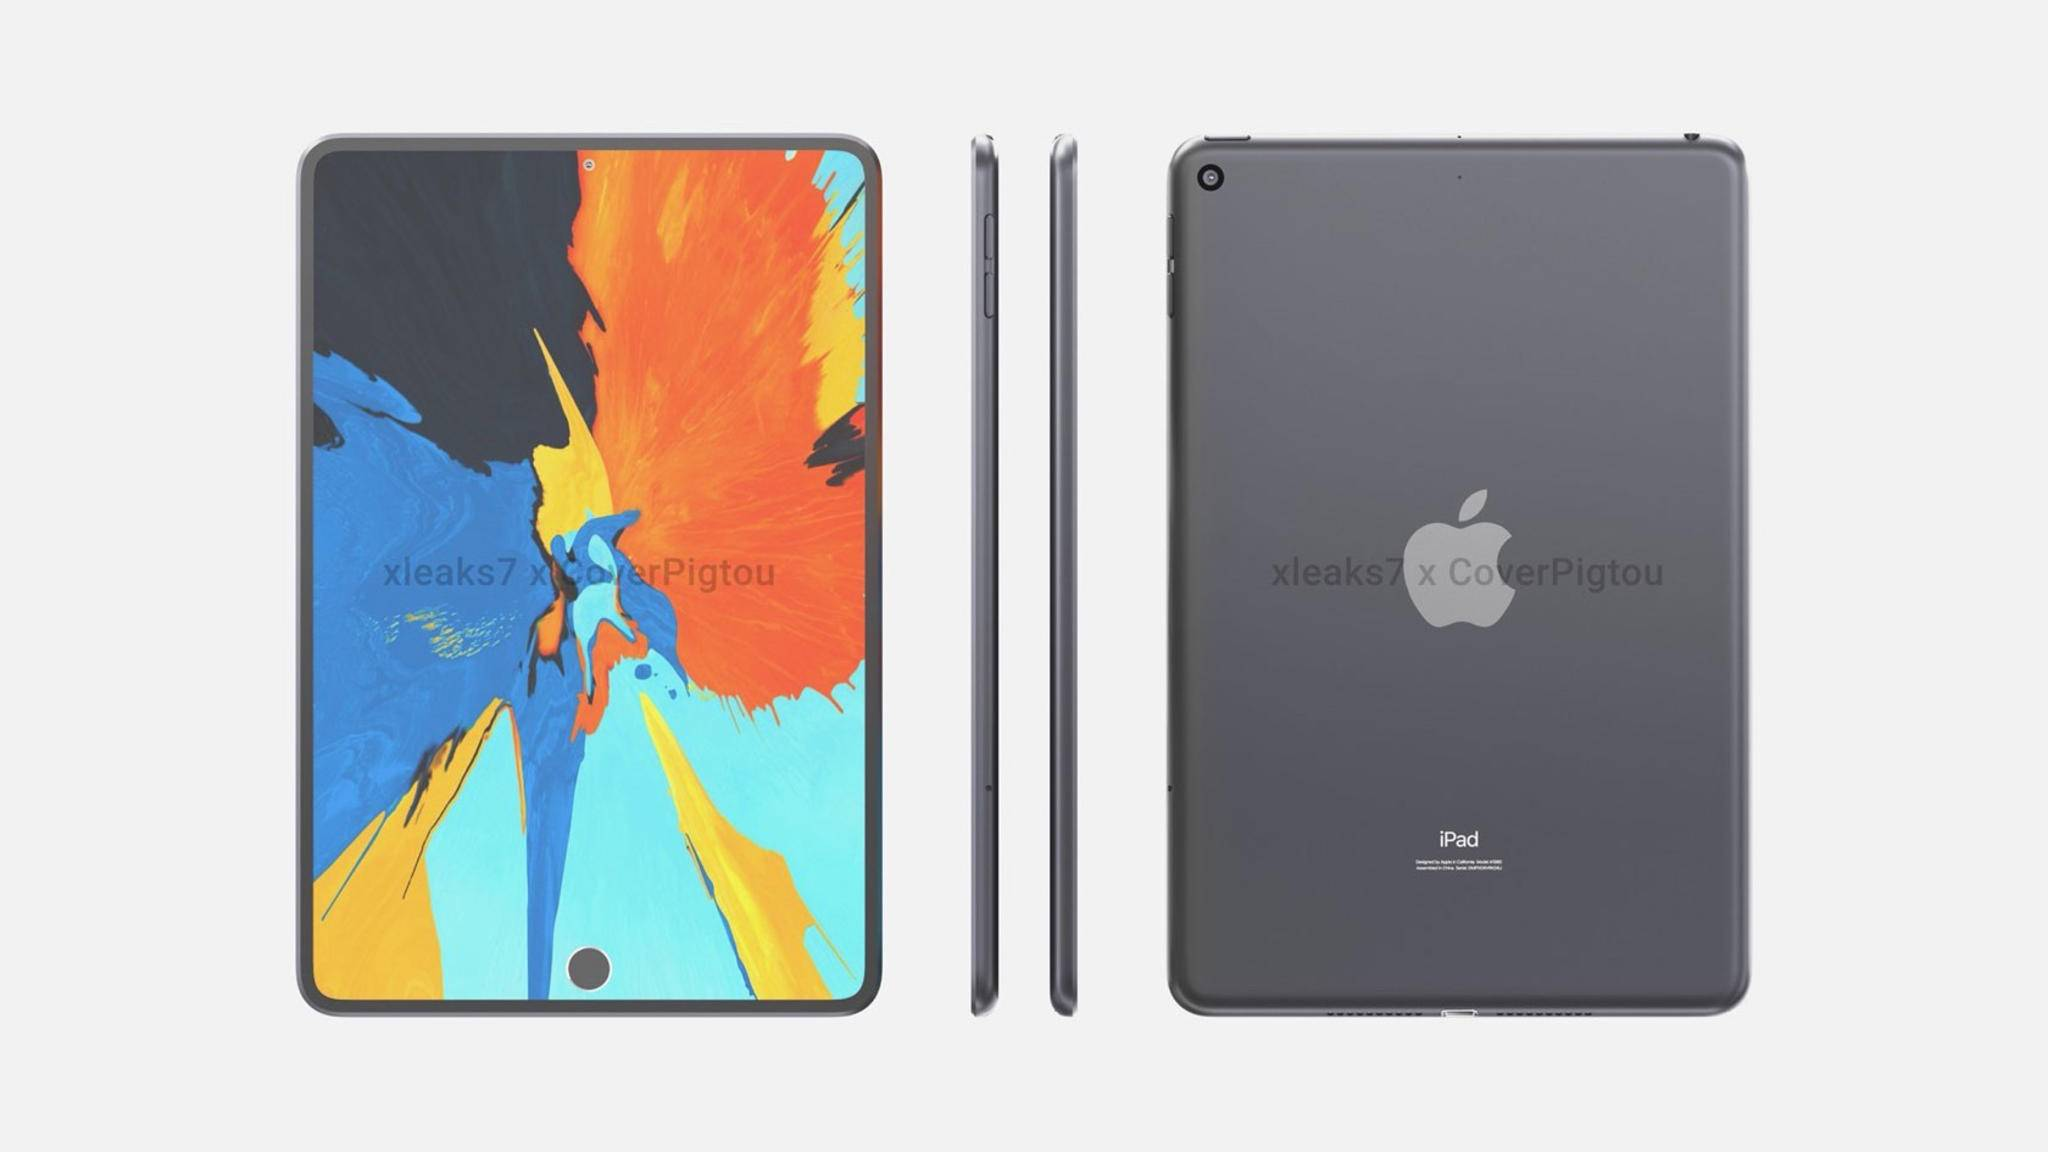 So soll das iPad mini 6 laut einem Konzept von Pigtou aussehen.